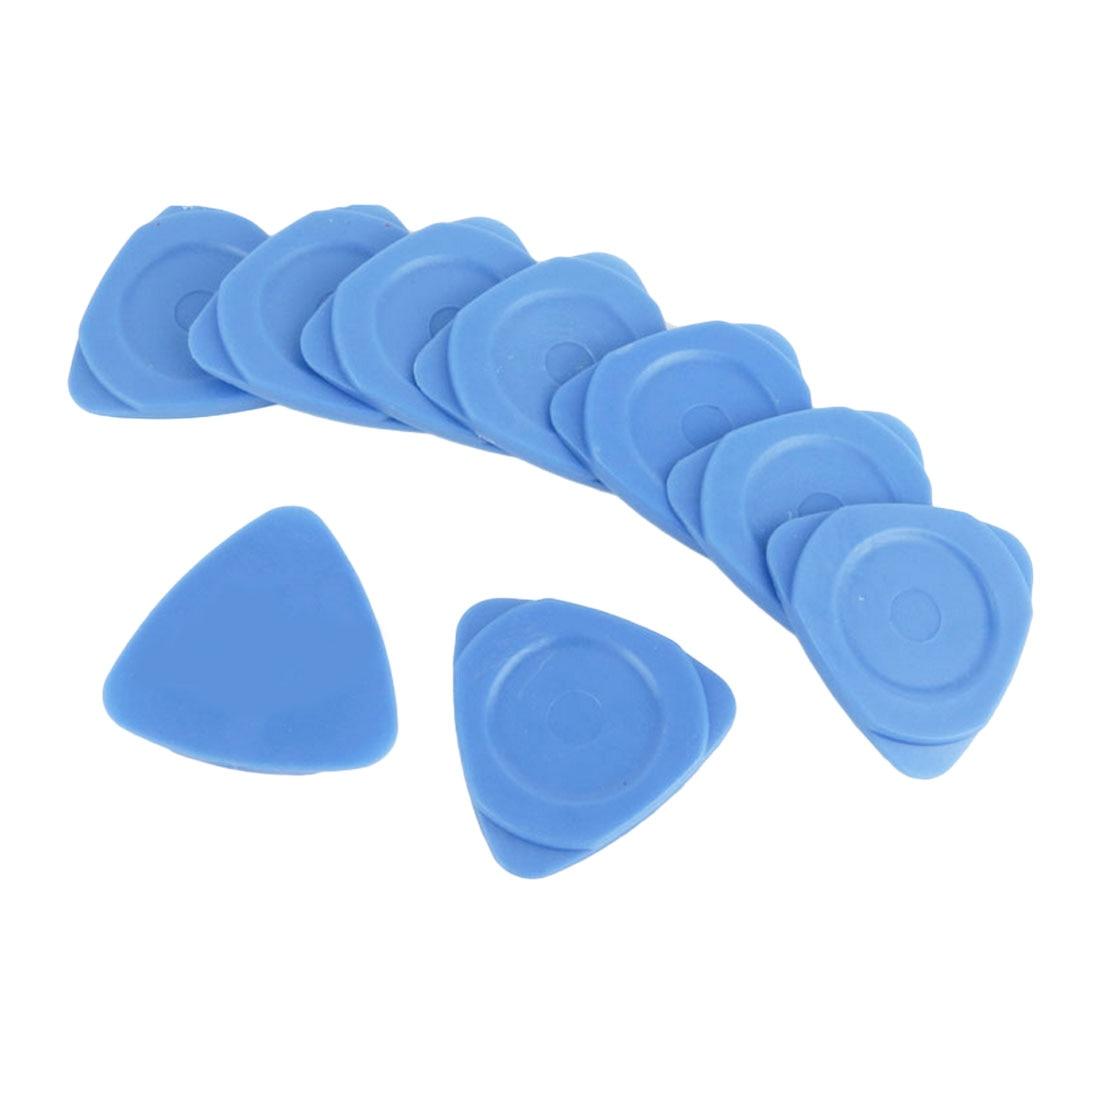 Repair Tool Kit 10 PCS Phone Opening Tools Plastic Guitar Picks Pry Opener For IPhone IPad Tablet PC Disassemble Tool